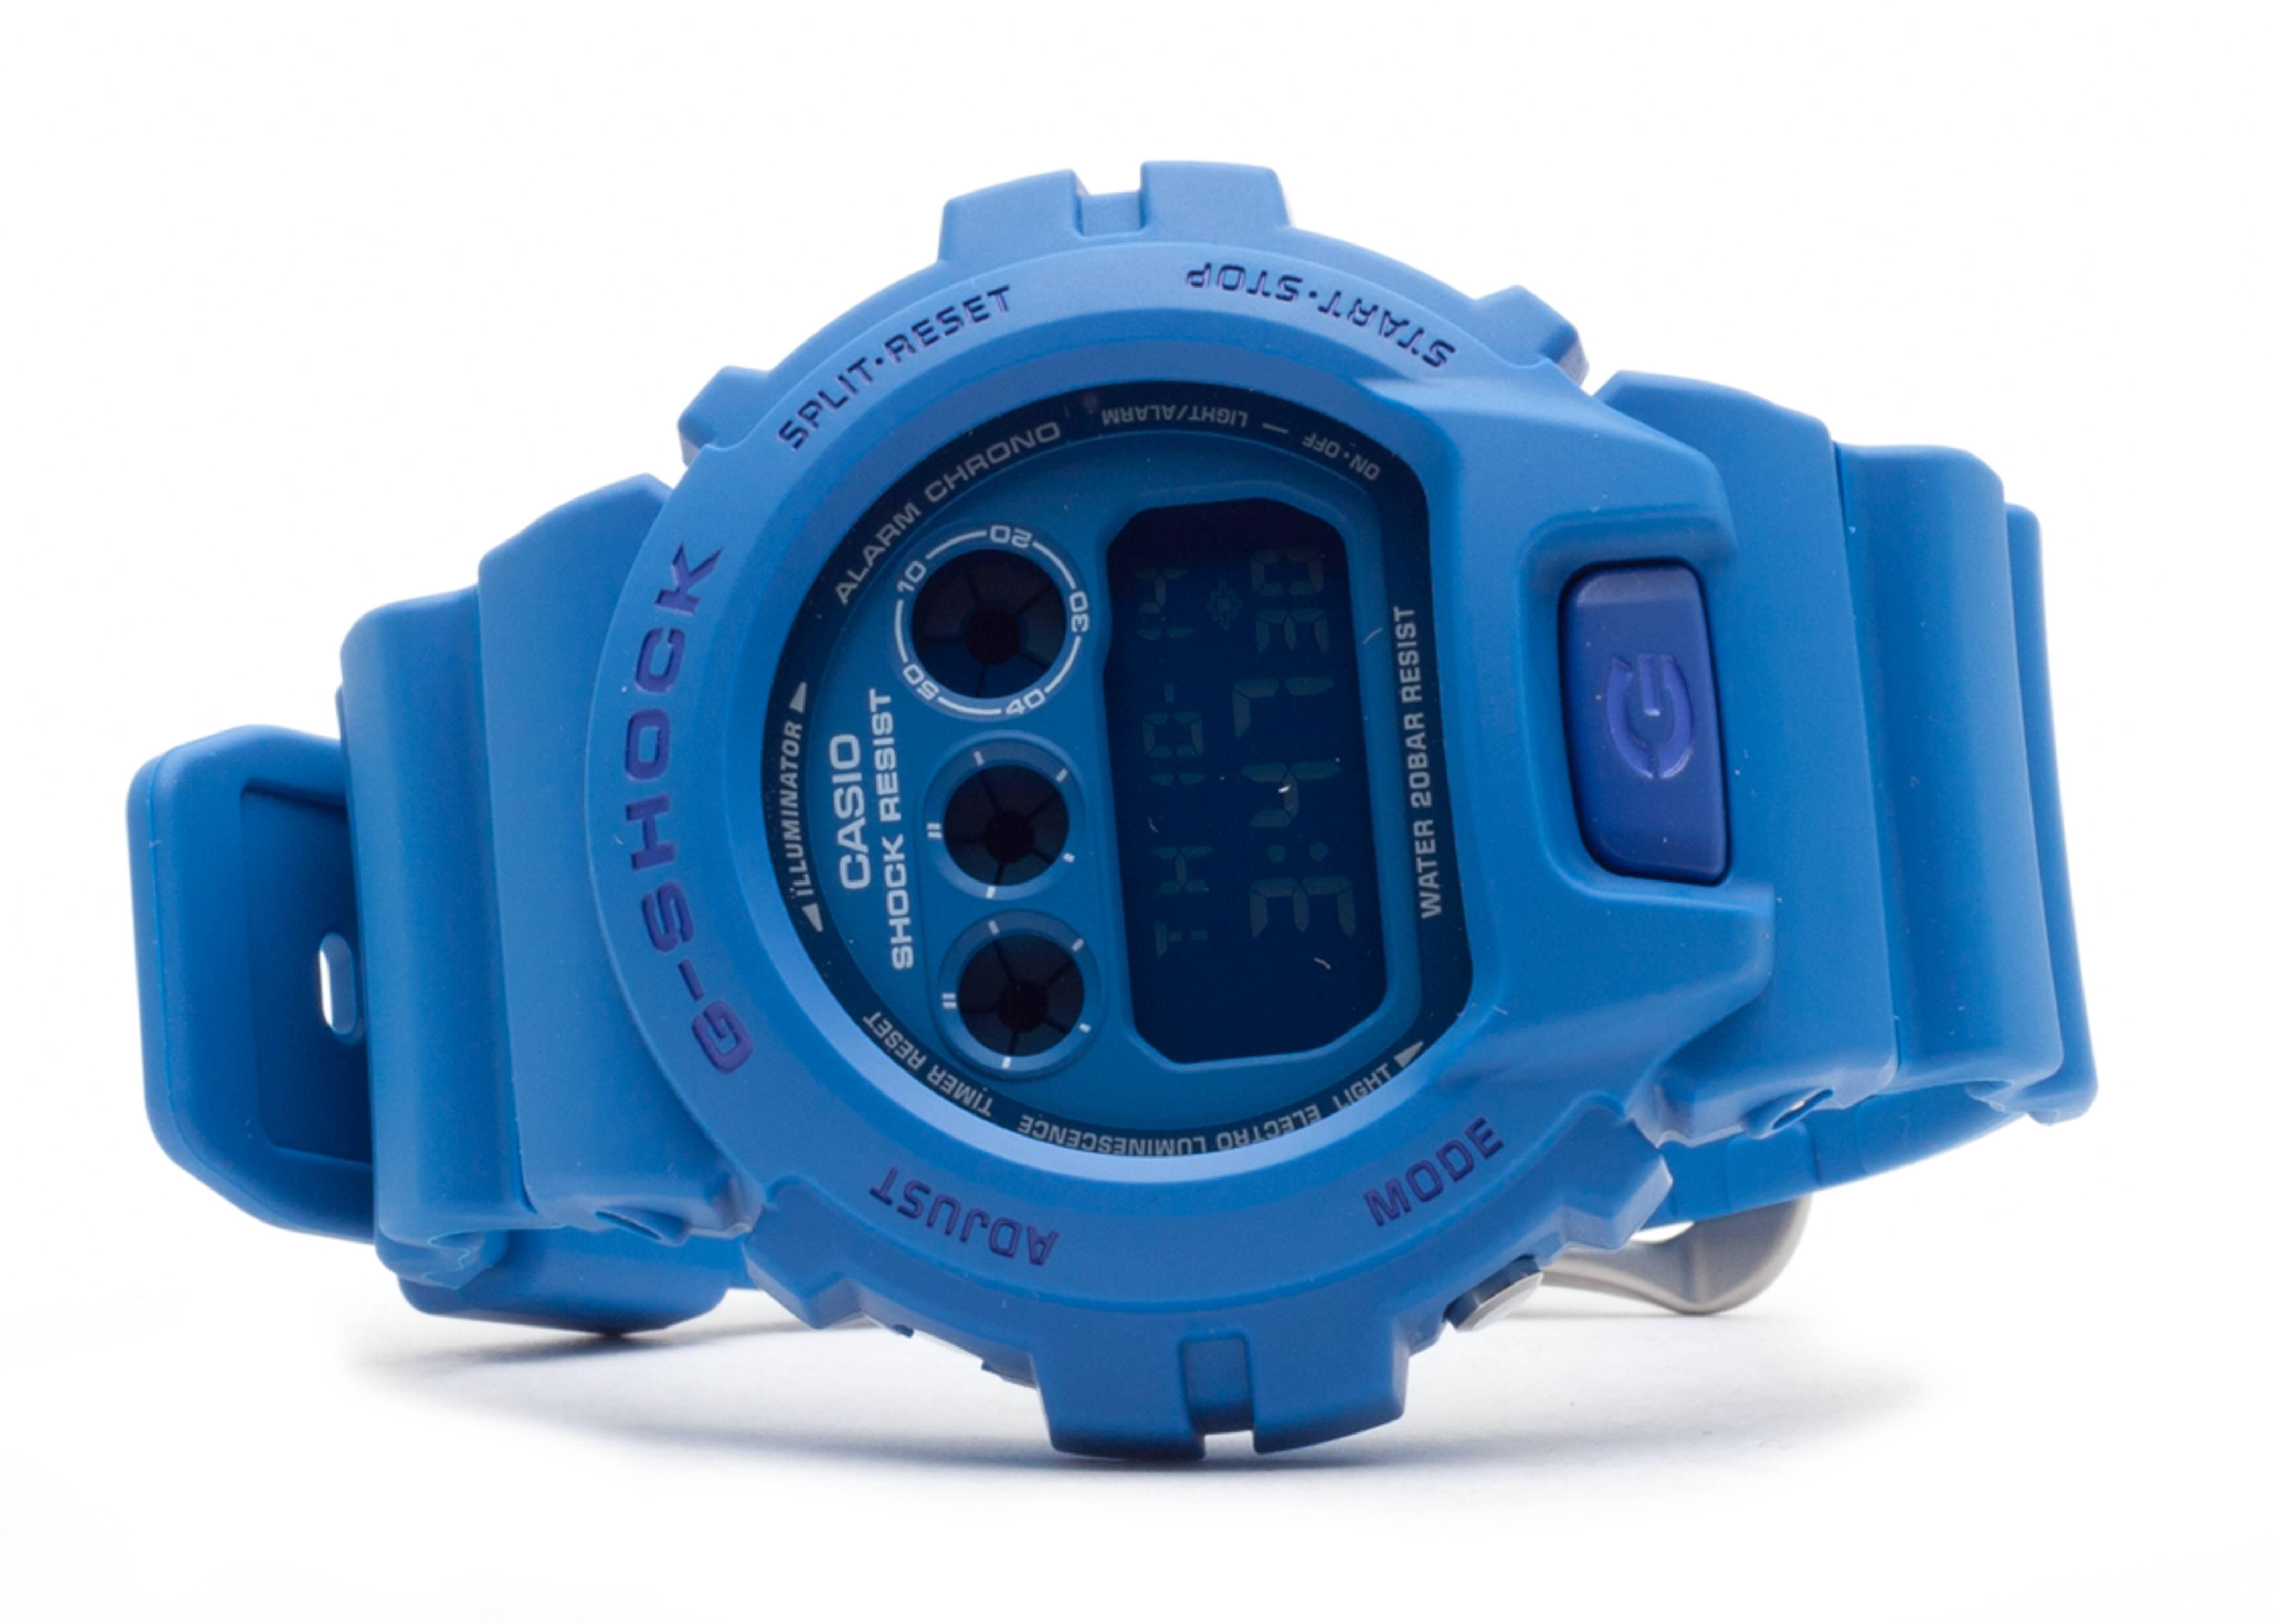 g-shock dw6900mm2cr